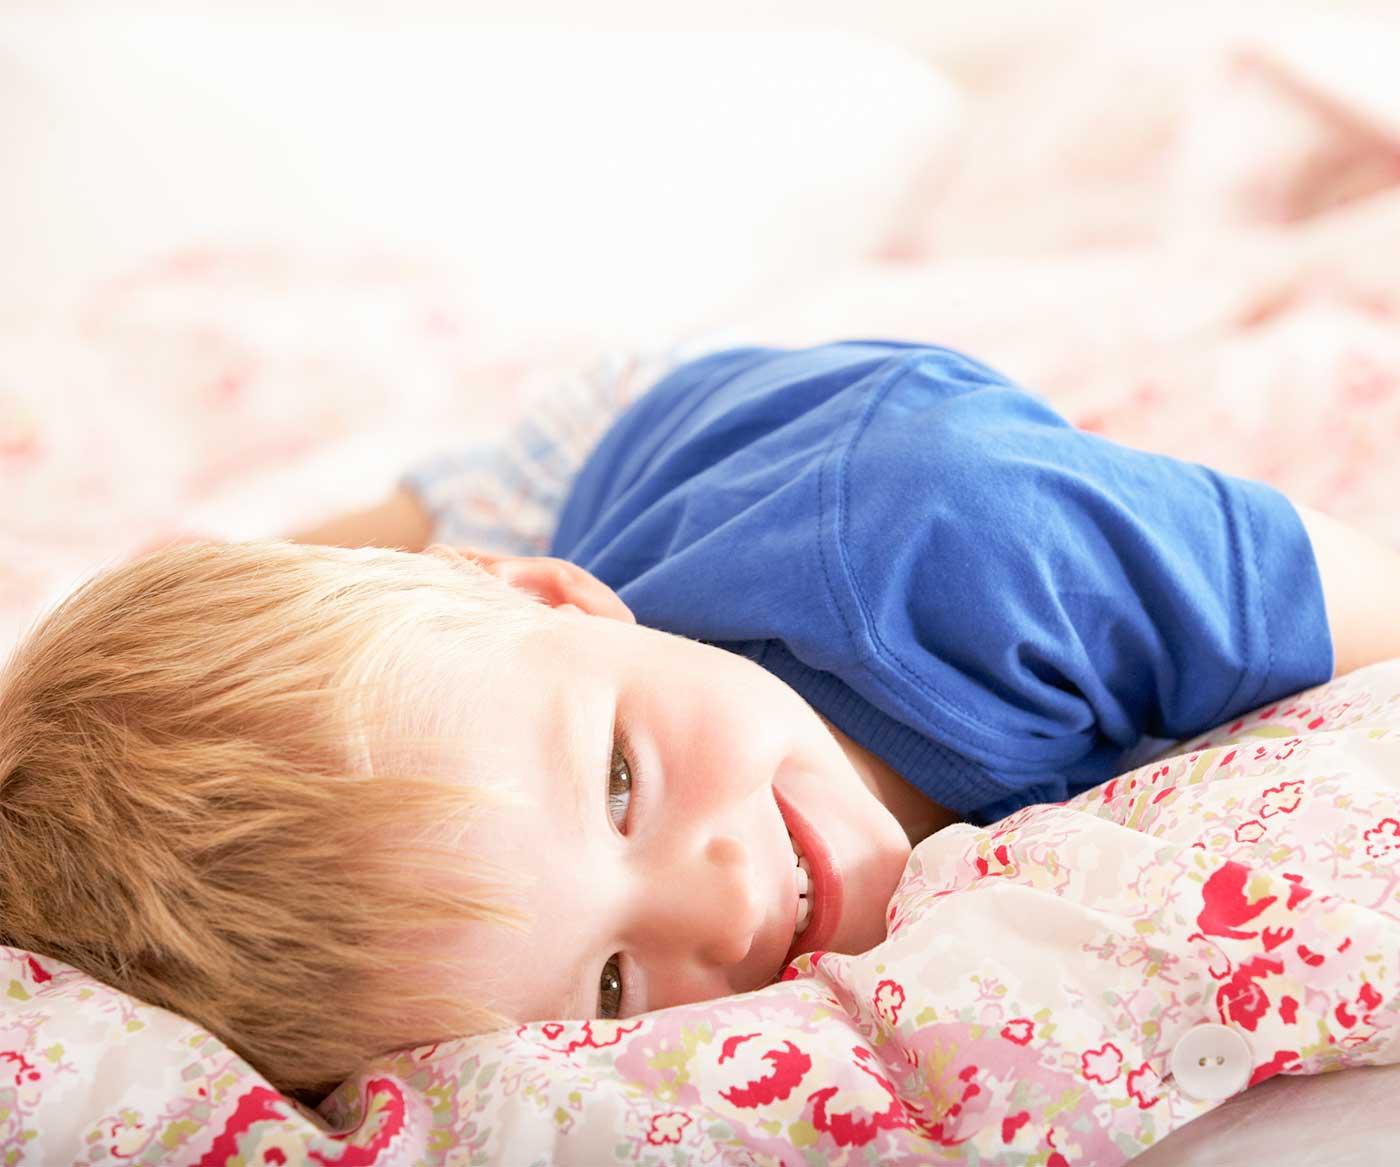 Little boy lying down on a blanket